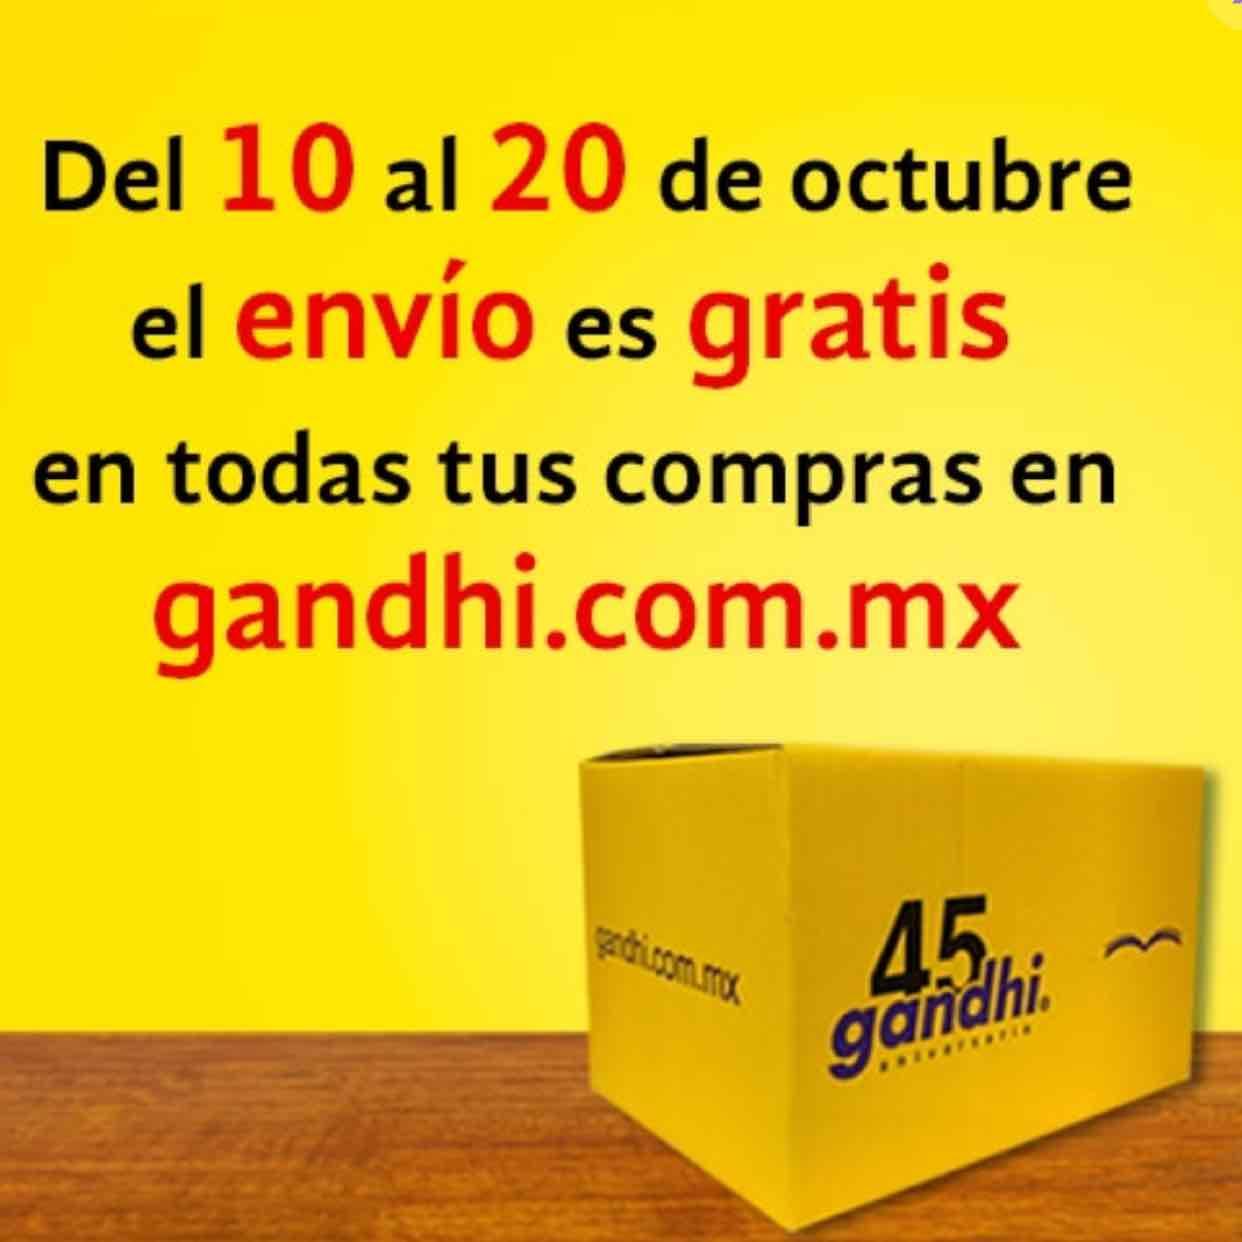 Librerías Gandhi: envío GRATIS del 10 al 20 de octubre